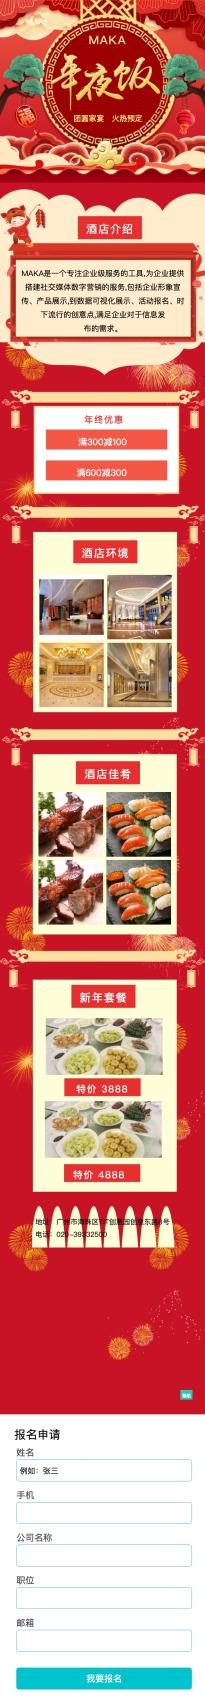 新春年夜饭大红喜庆中国风餐饮业年夜饭促销活动宣传单页